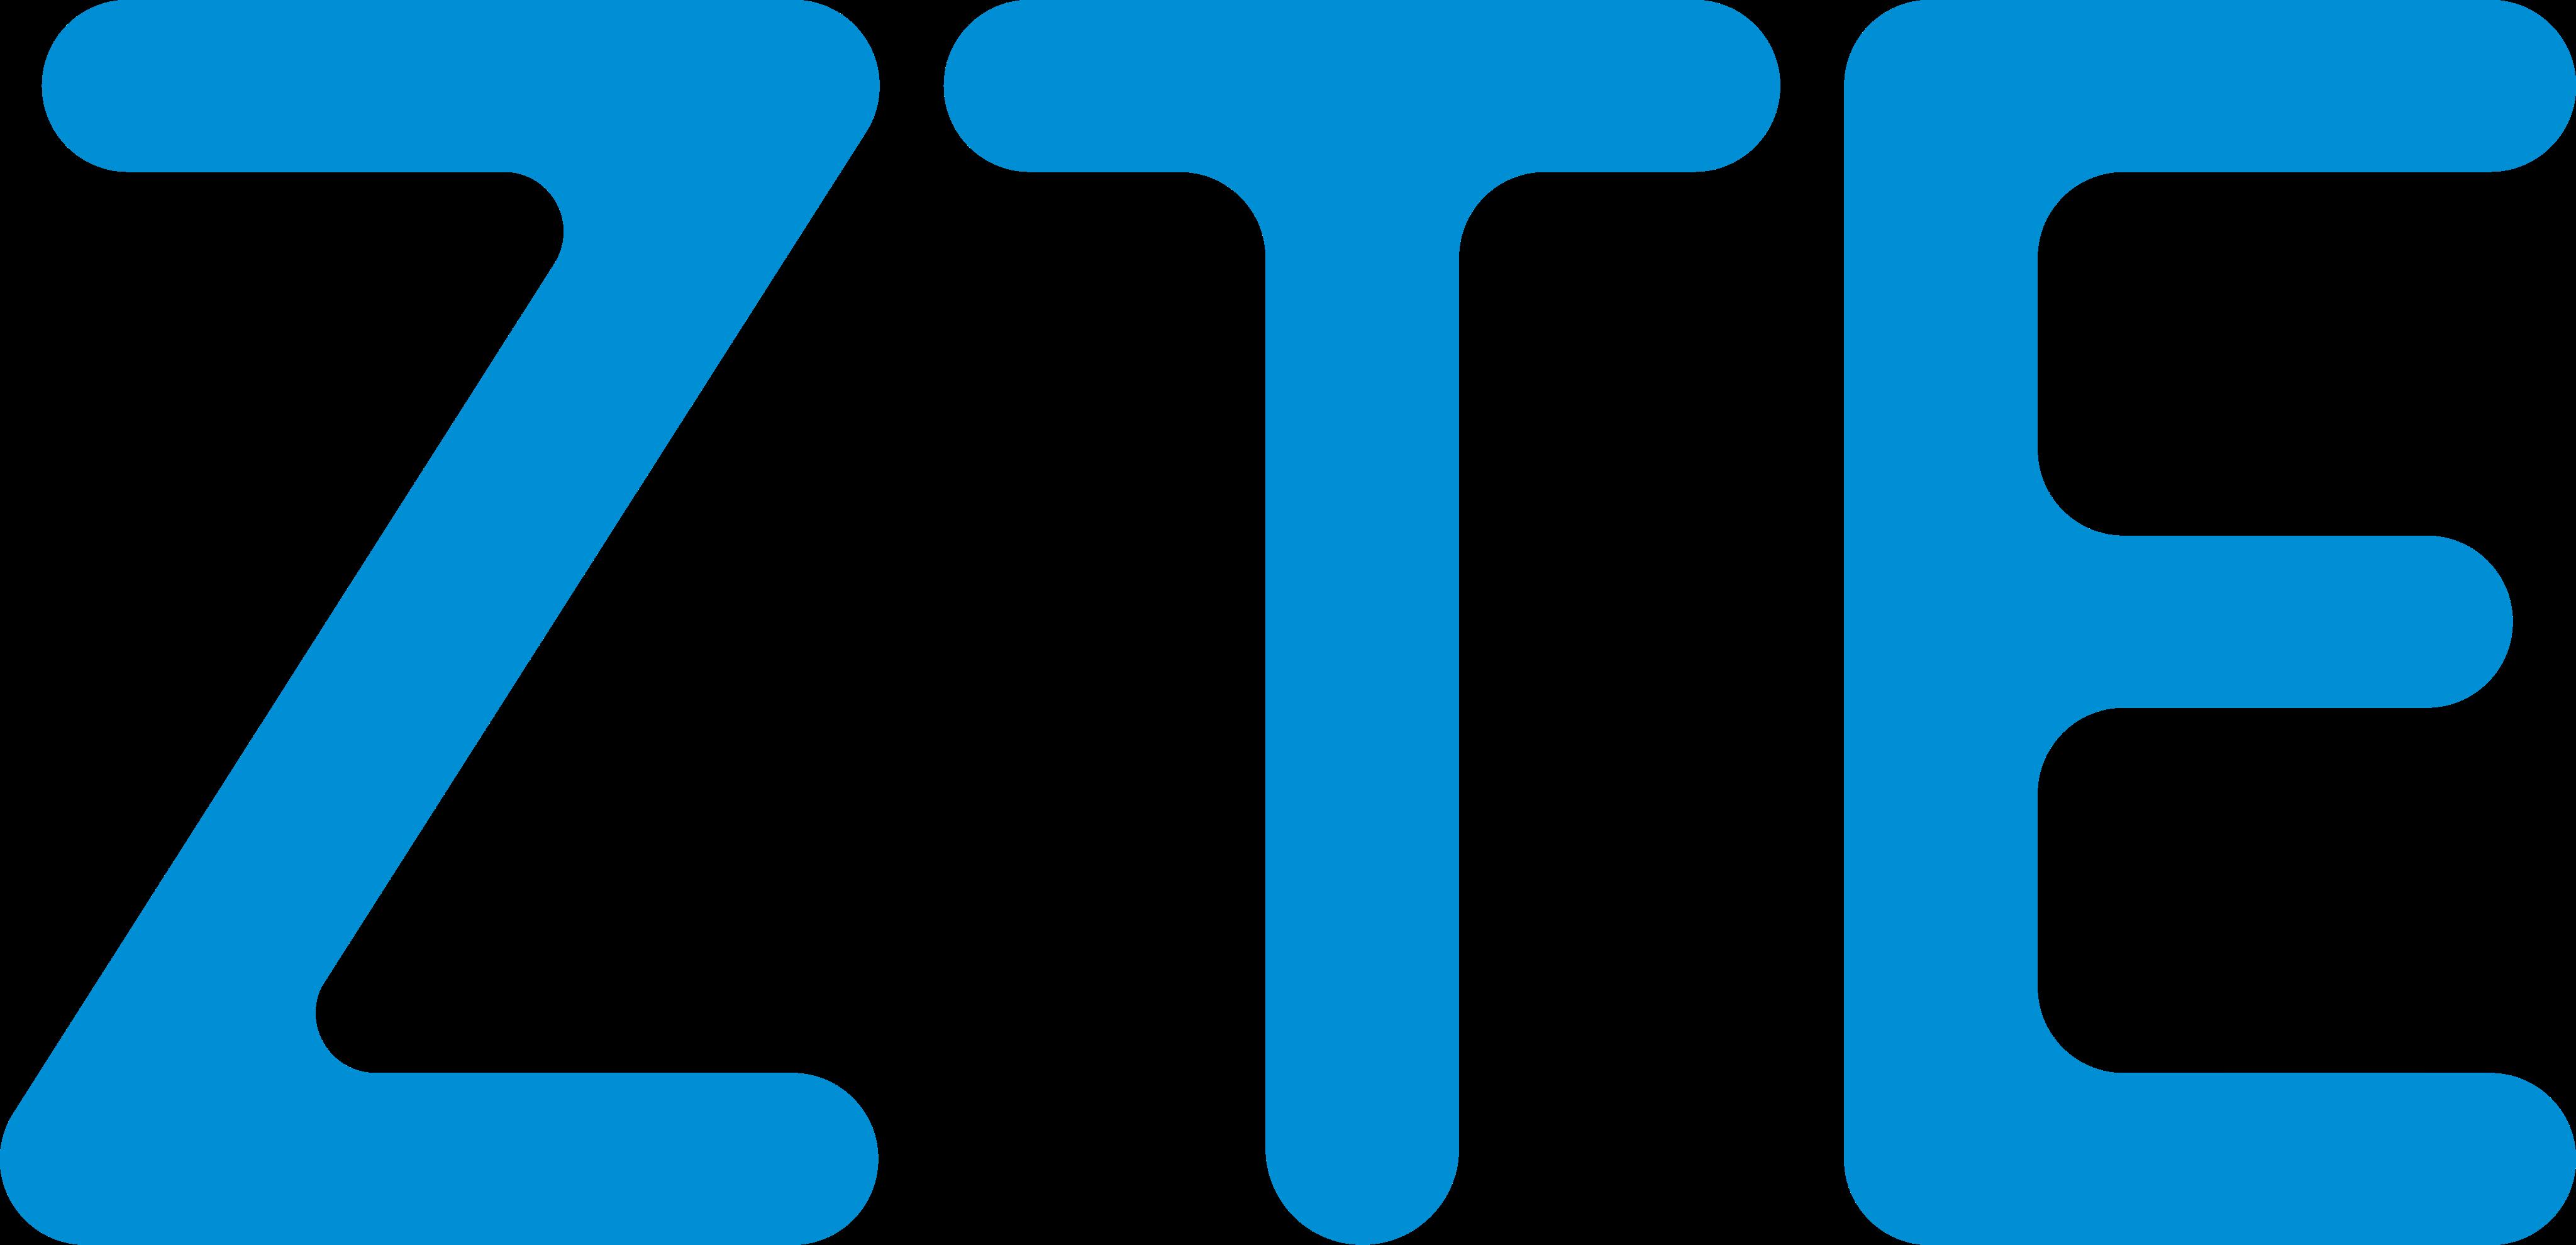 zte logo 3 - ZTE Logo